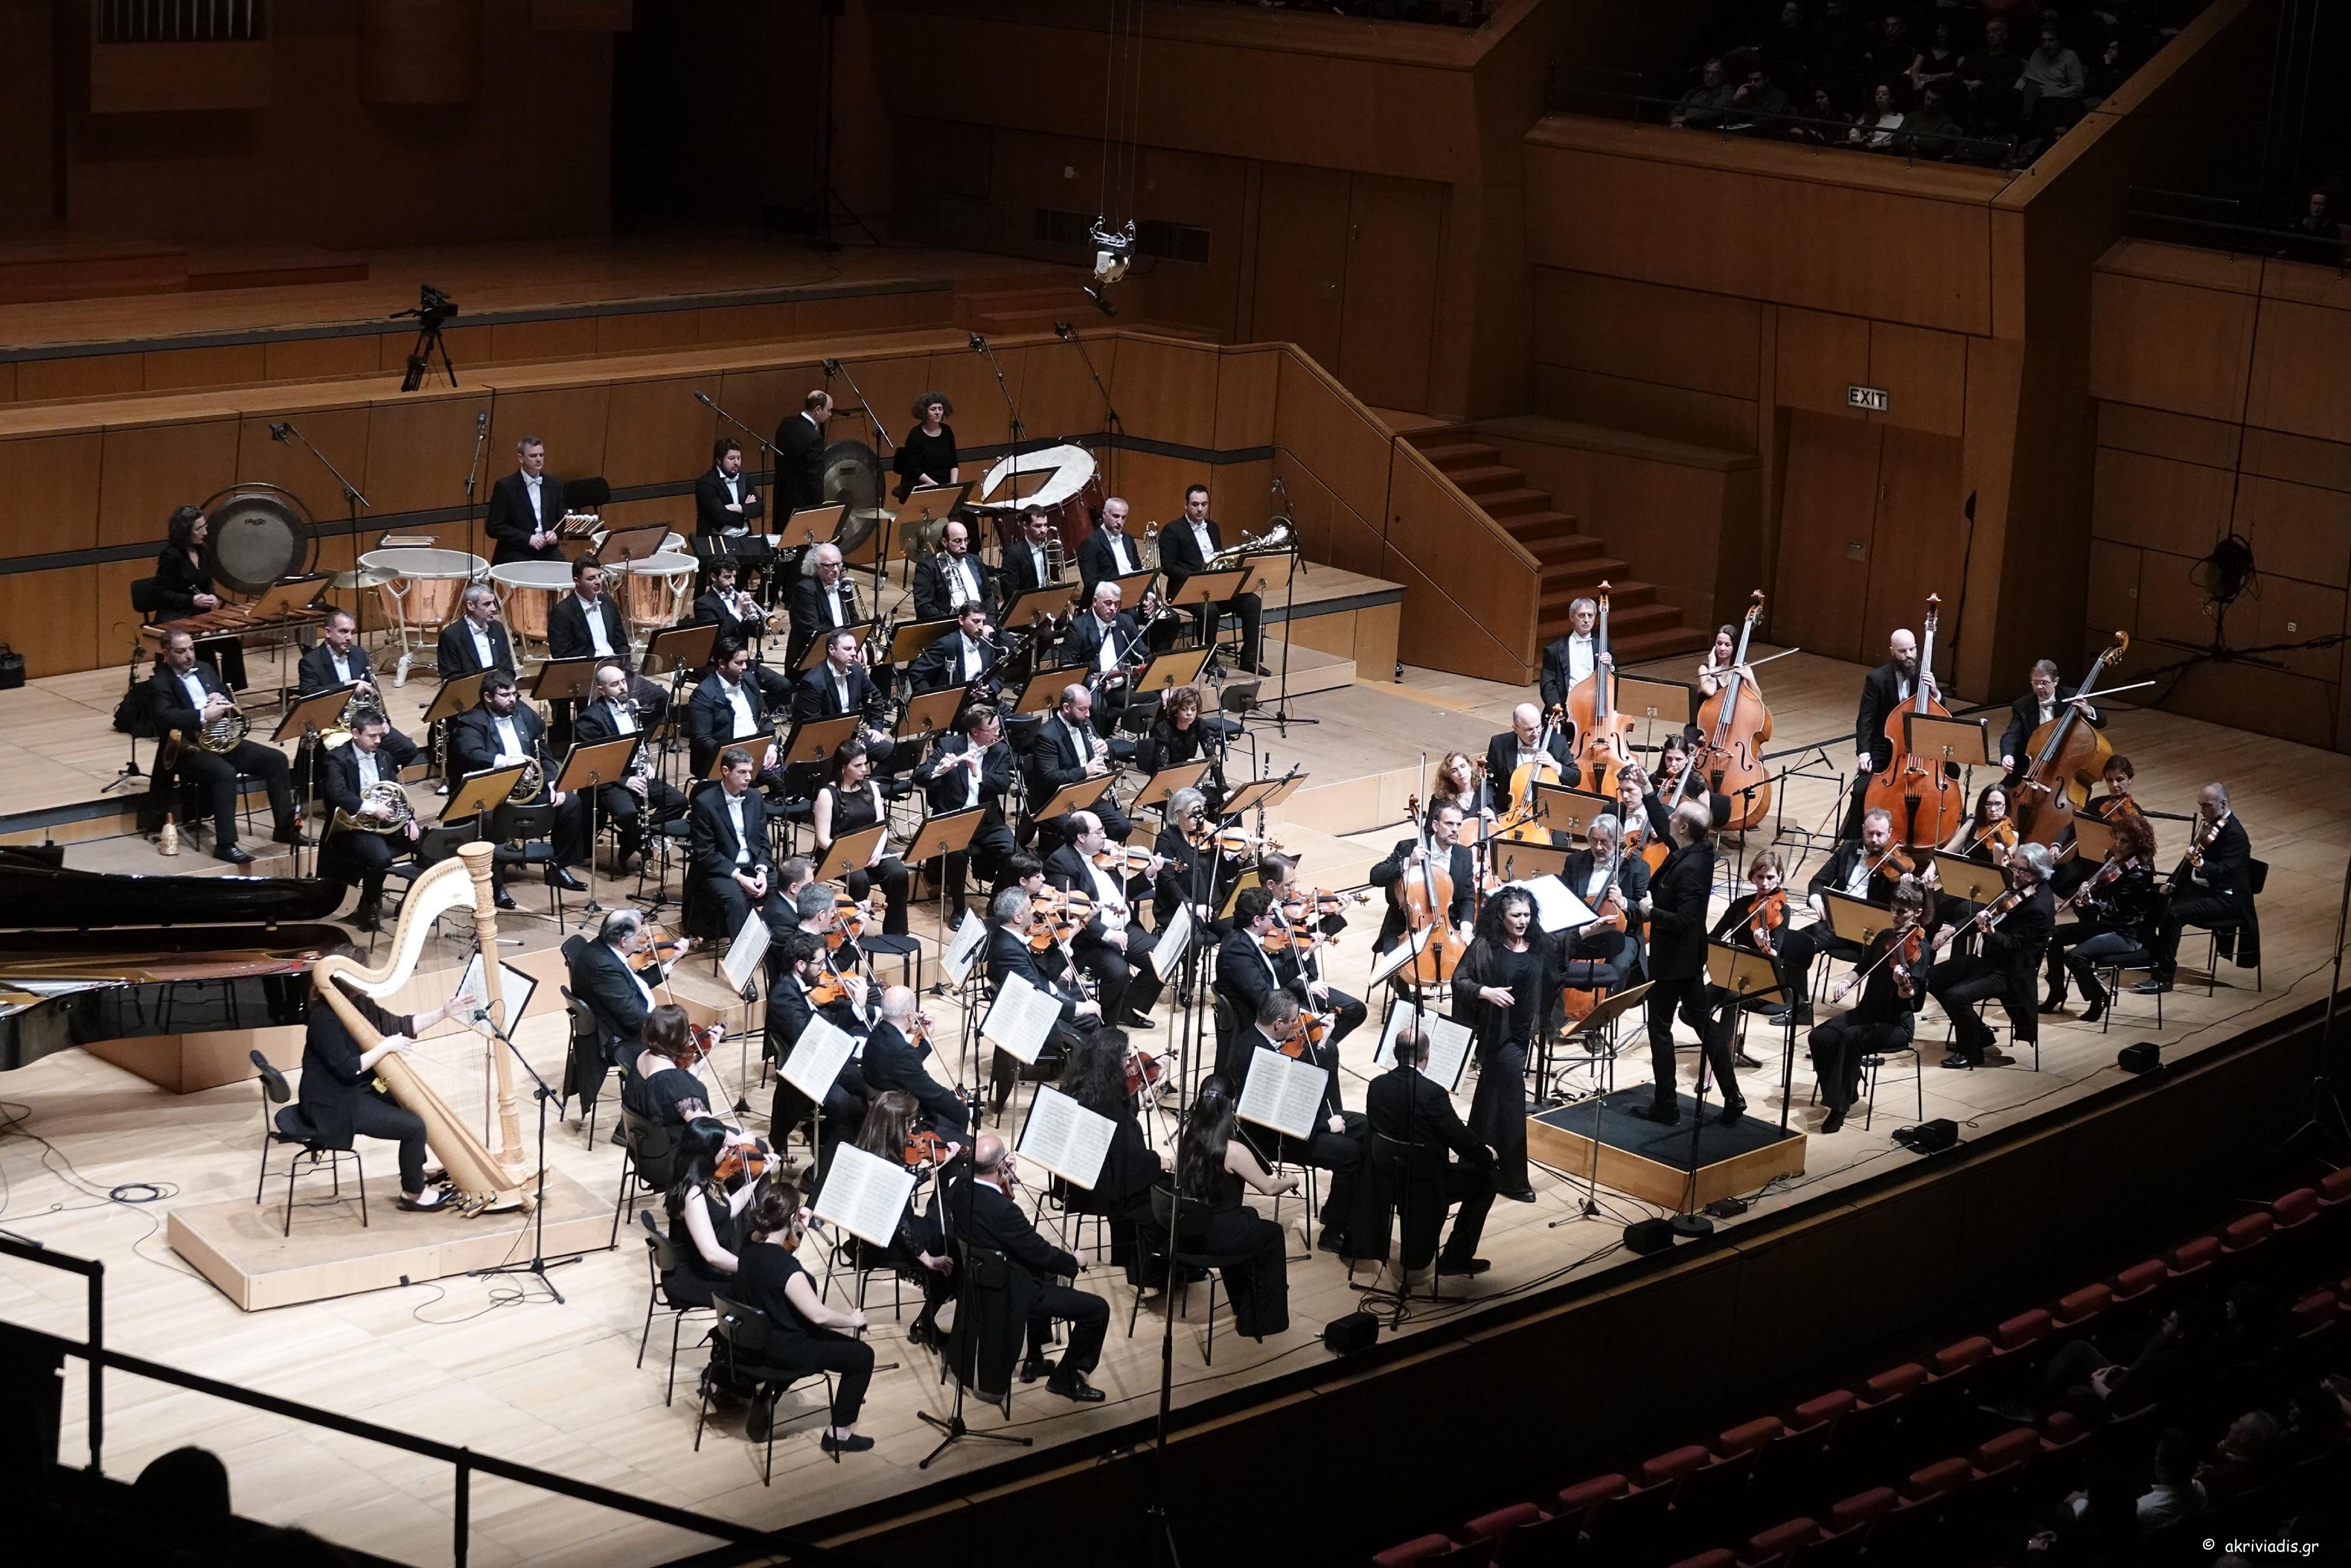 Αφιέρωμα στον Γιάννη Χρήστου. Η Κρατική Ορχήστρα, υπό τη διεύθυνση του Μίλτου Λογιάδη. Σολίστ η Ειρήνη Τσιρακίδου. Φωτο: Χάρης Ακριβιάδης.